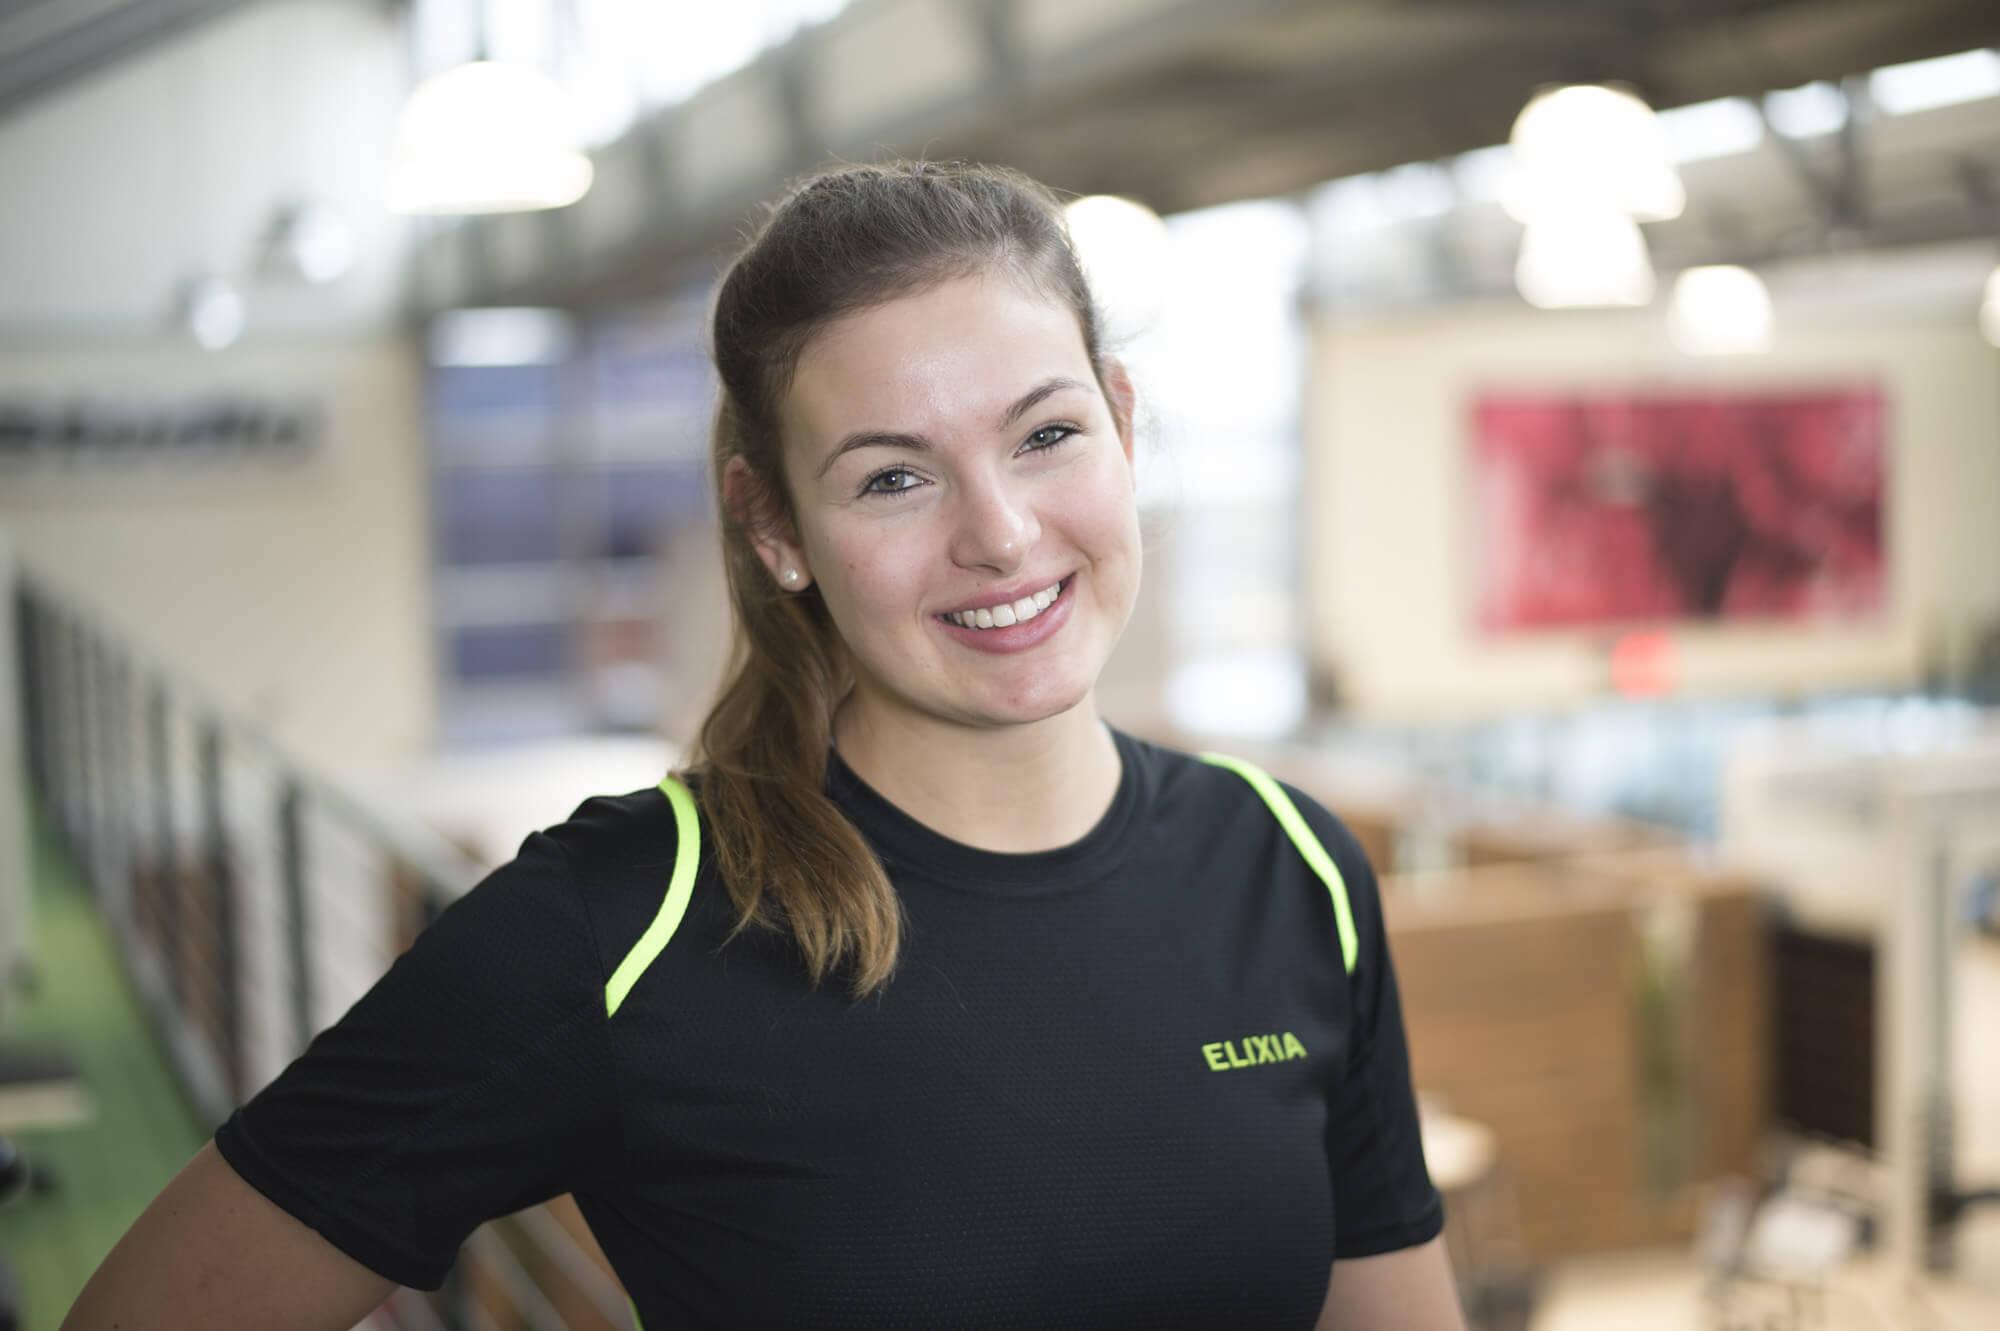 Annika Vierdt